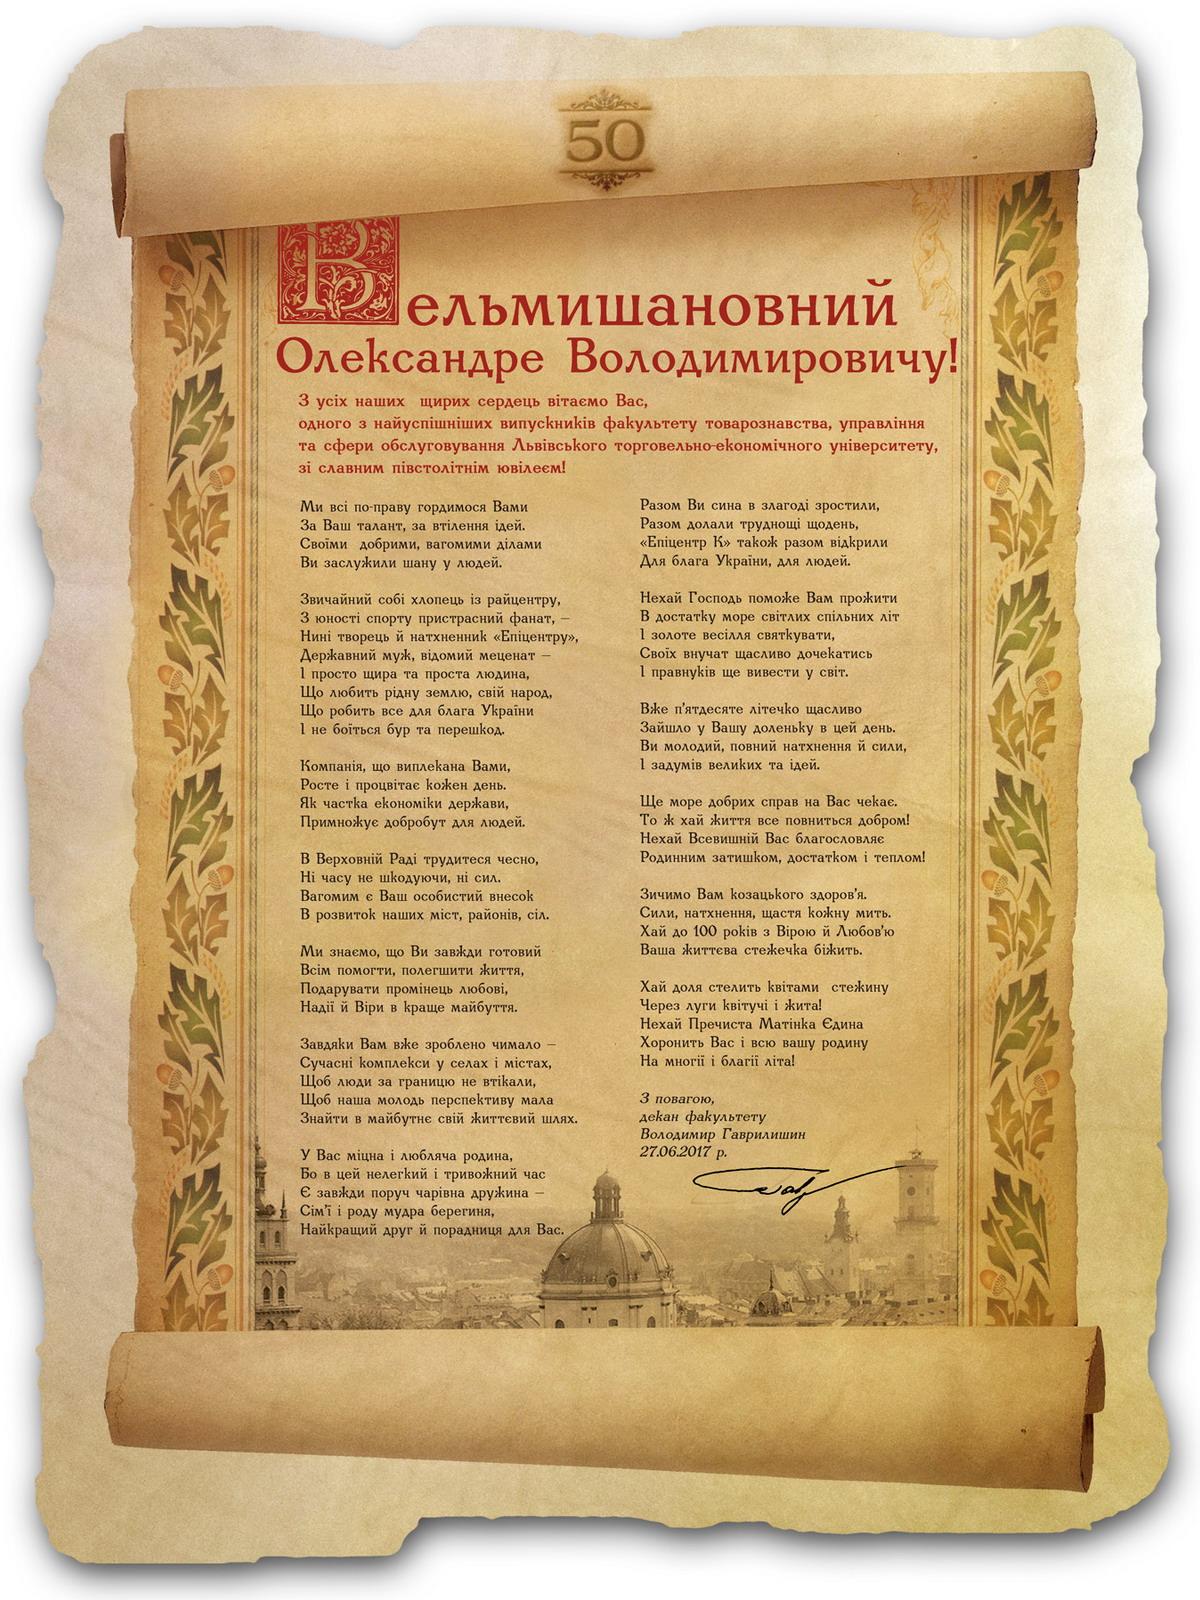 Вітаємо з ювілеєм Герегу Олександра Володимировича!